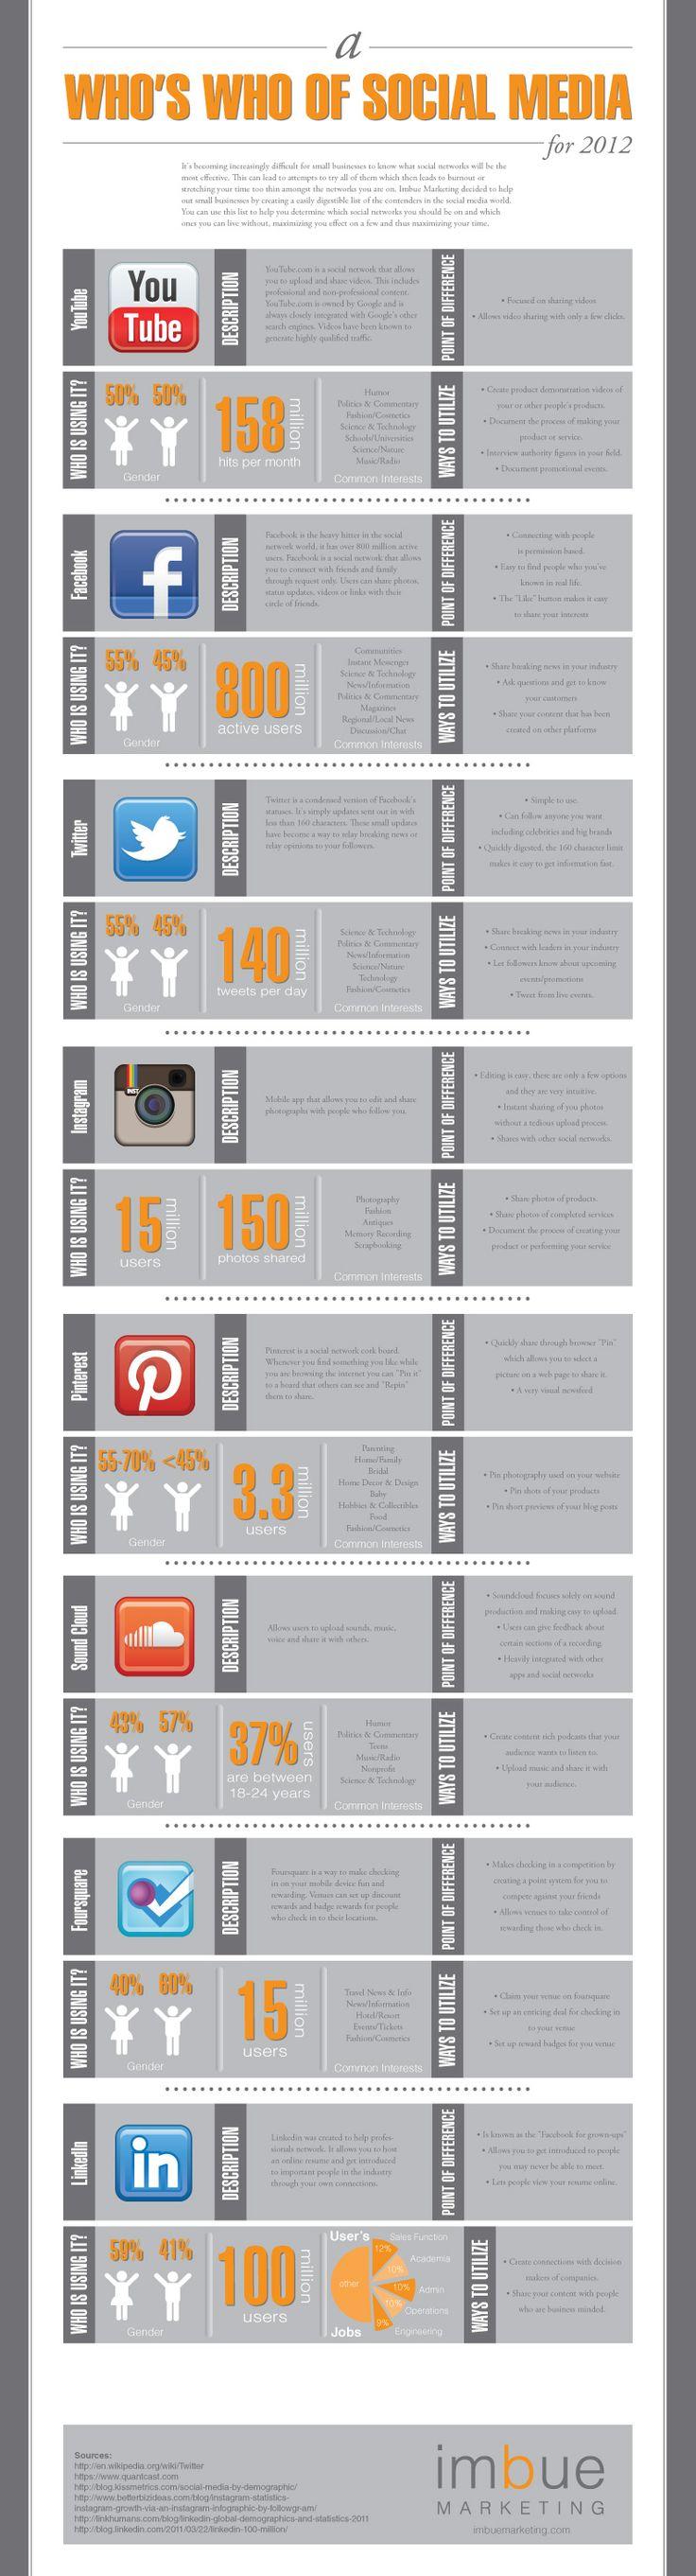 Quién es quién en el Social Media #infografia #infographic #socialmedia